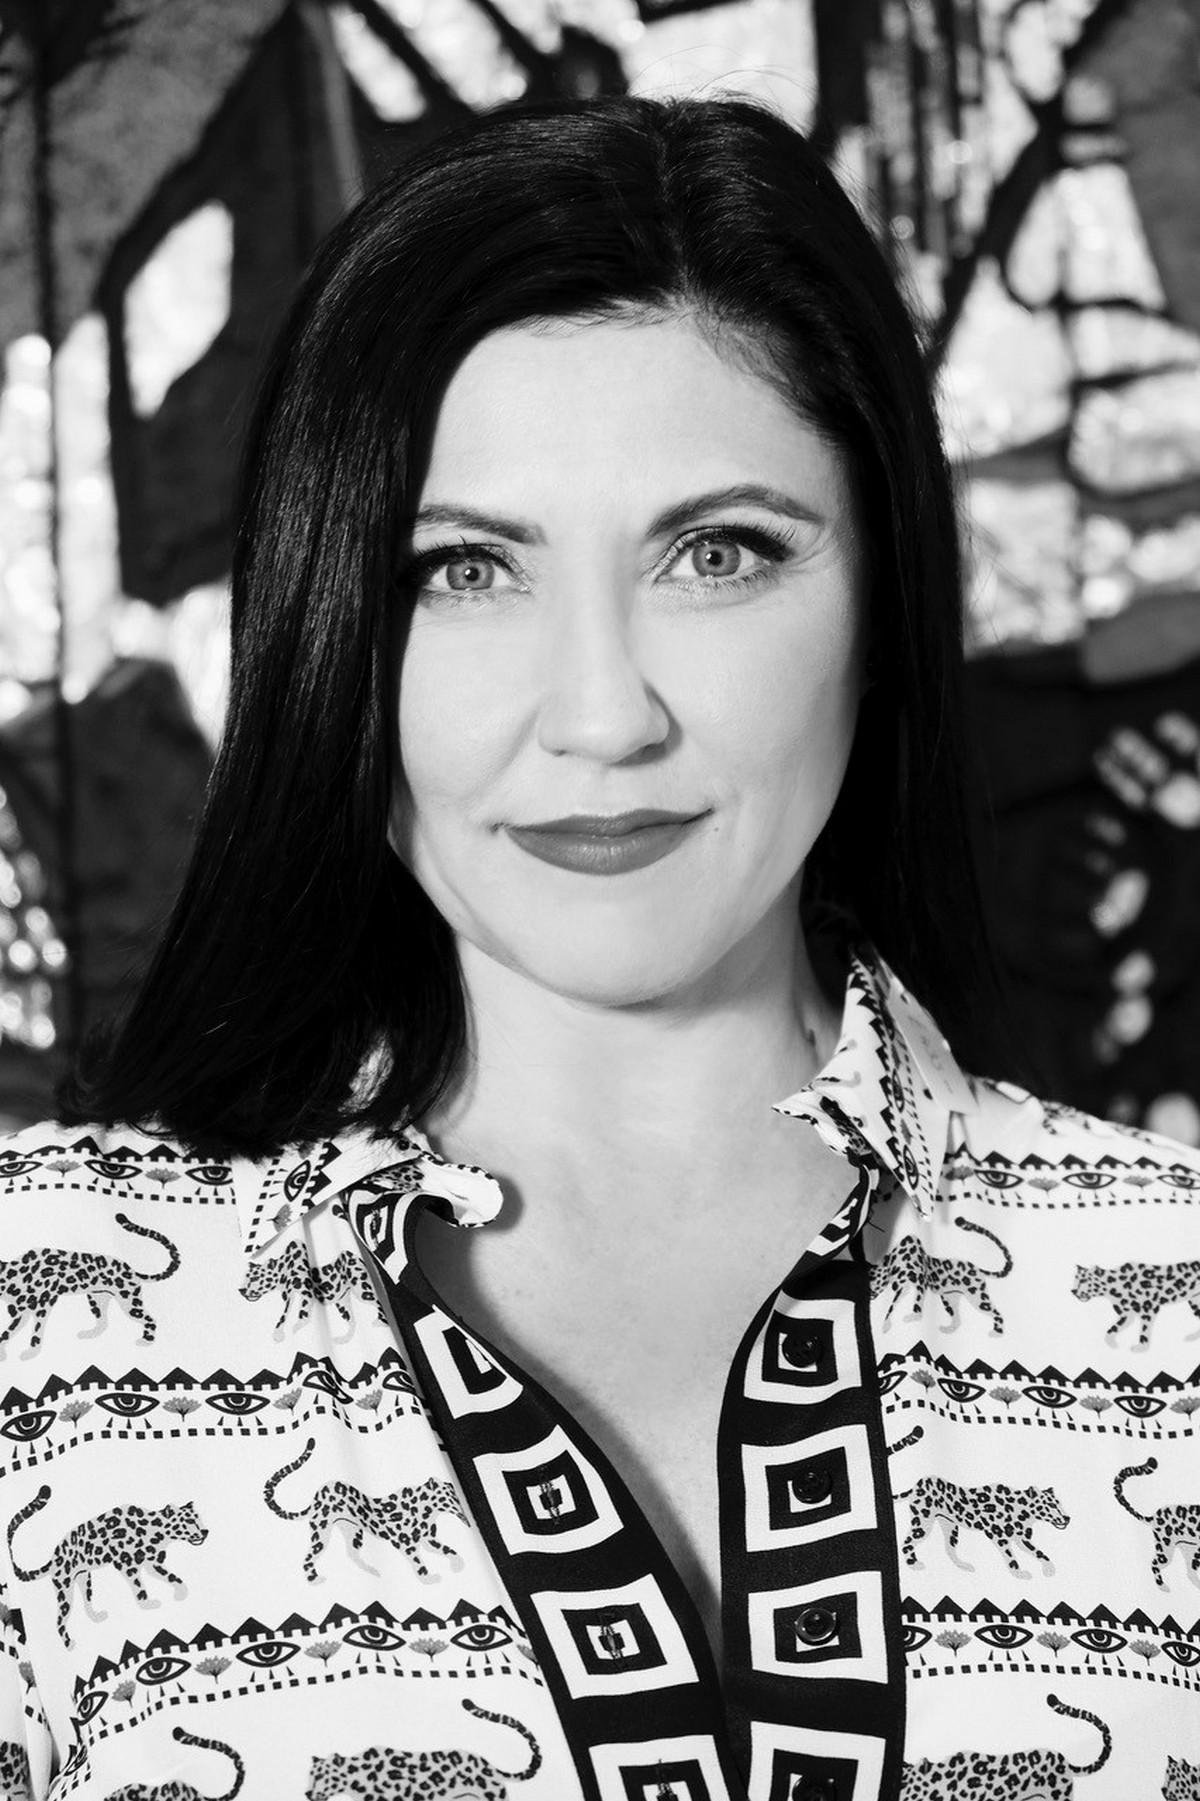 Photo of Gallerist Kristin Hjellegjerde